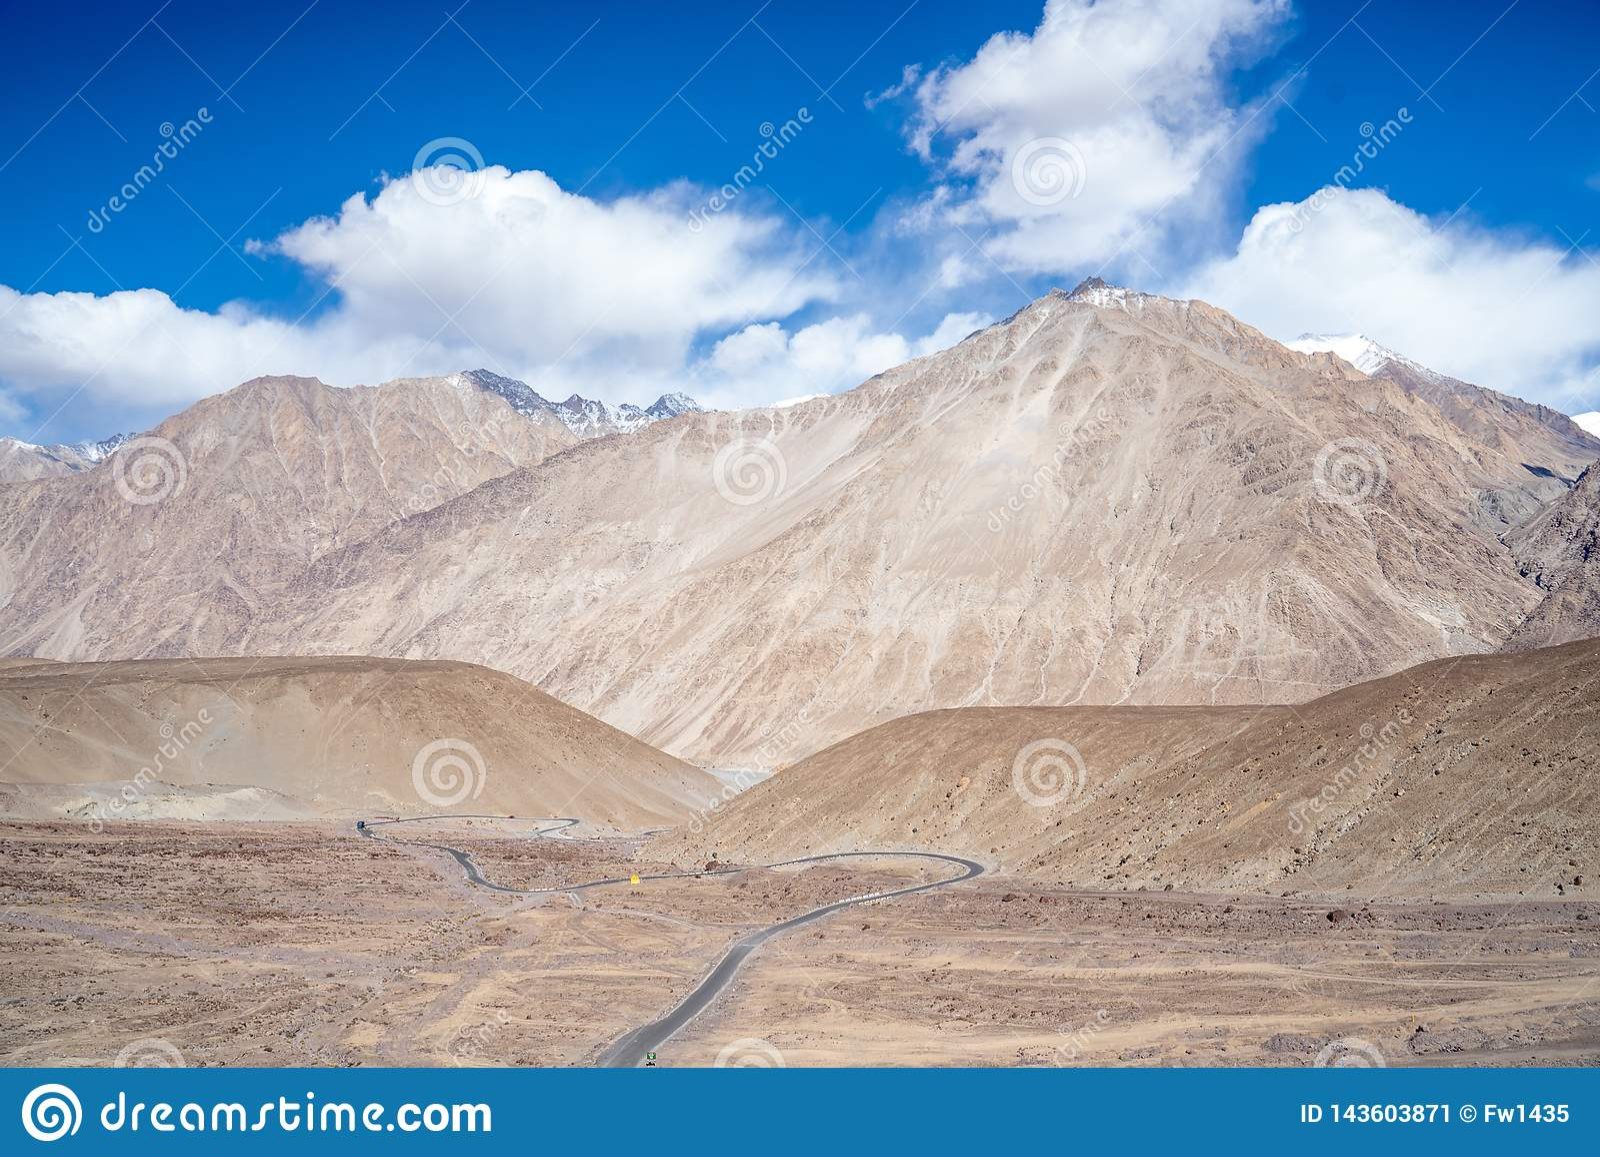 Landskapsikten av Leh geografi Berg, v?g, himmel och sn? Leh Ladakh, Indien